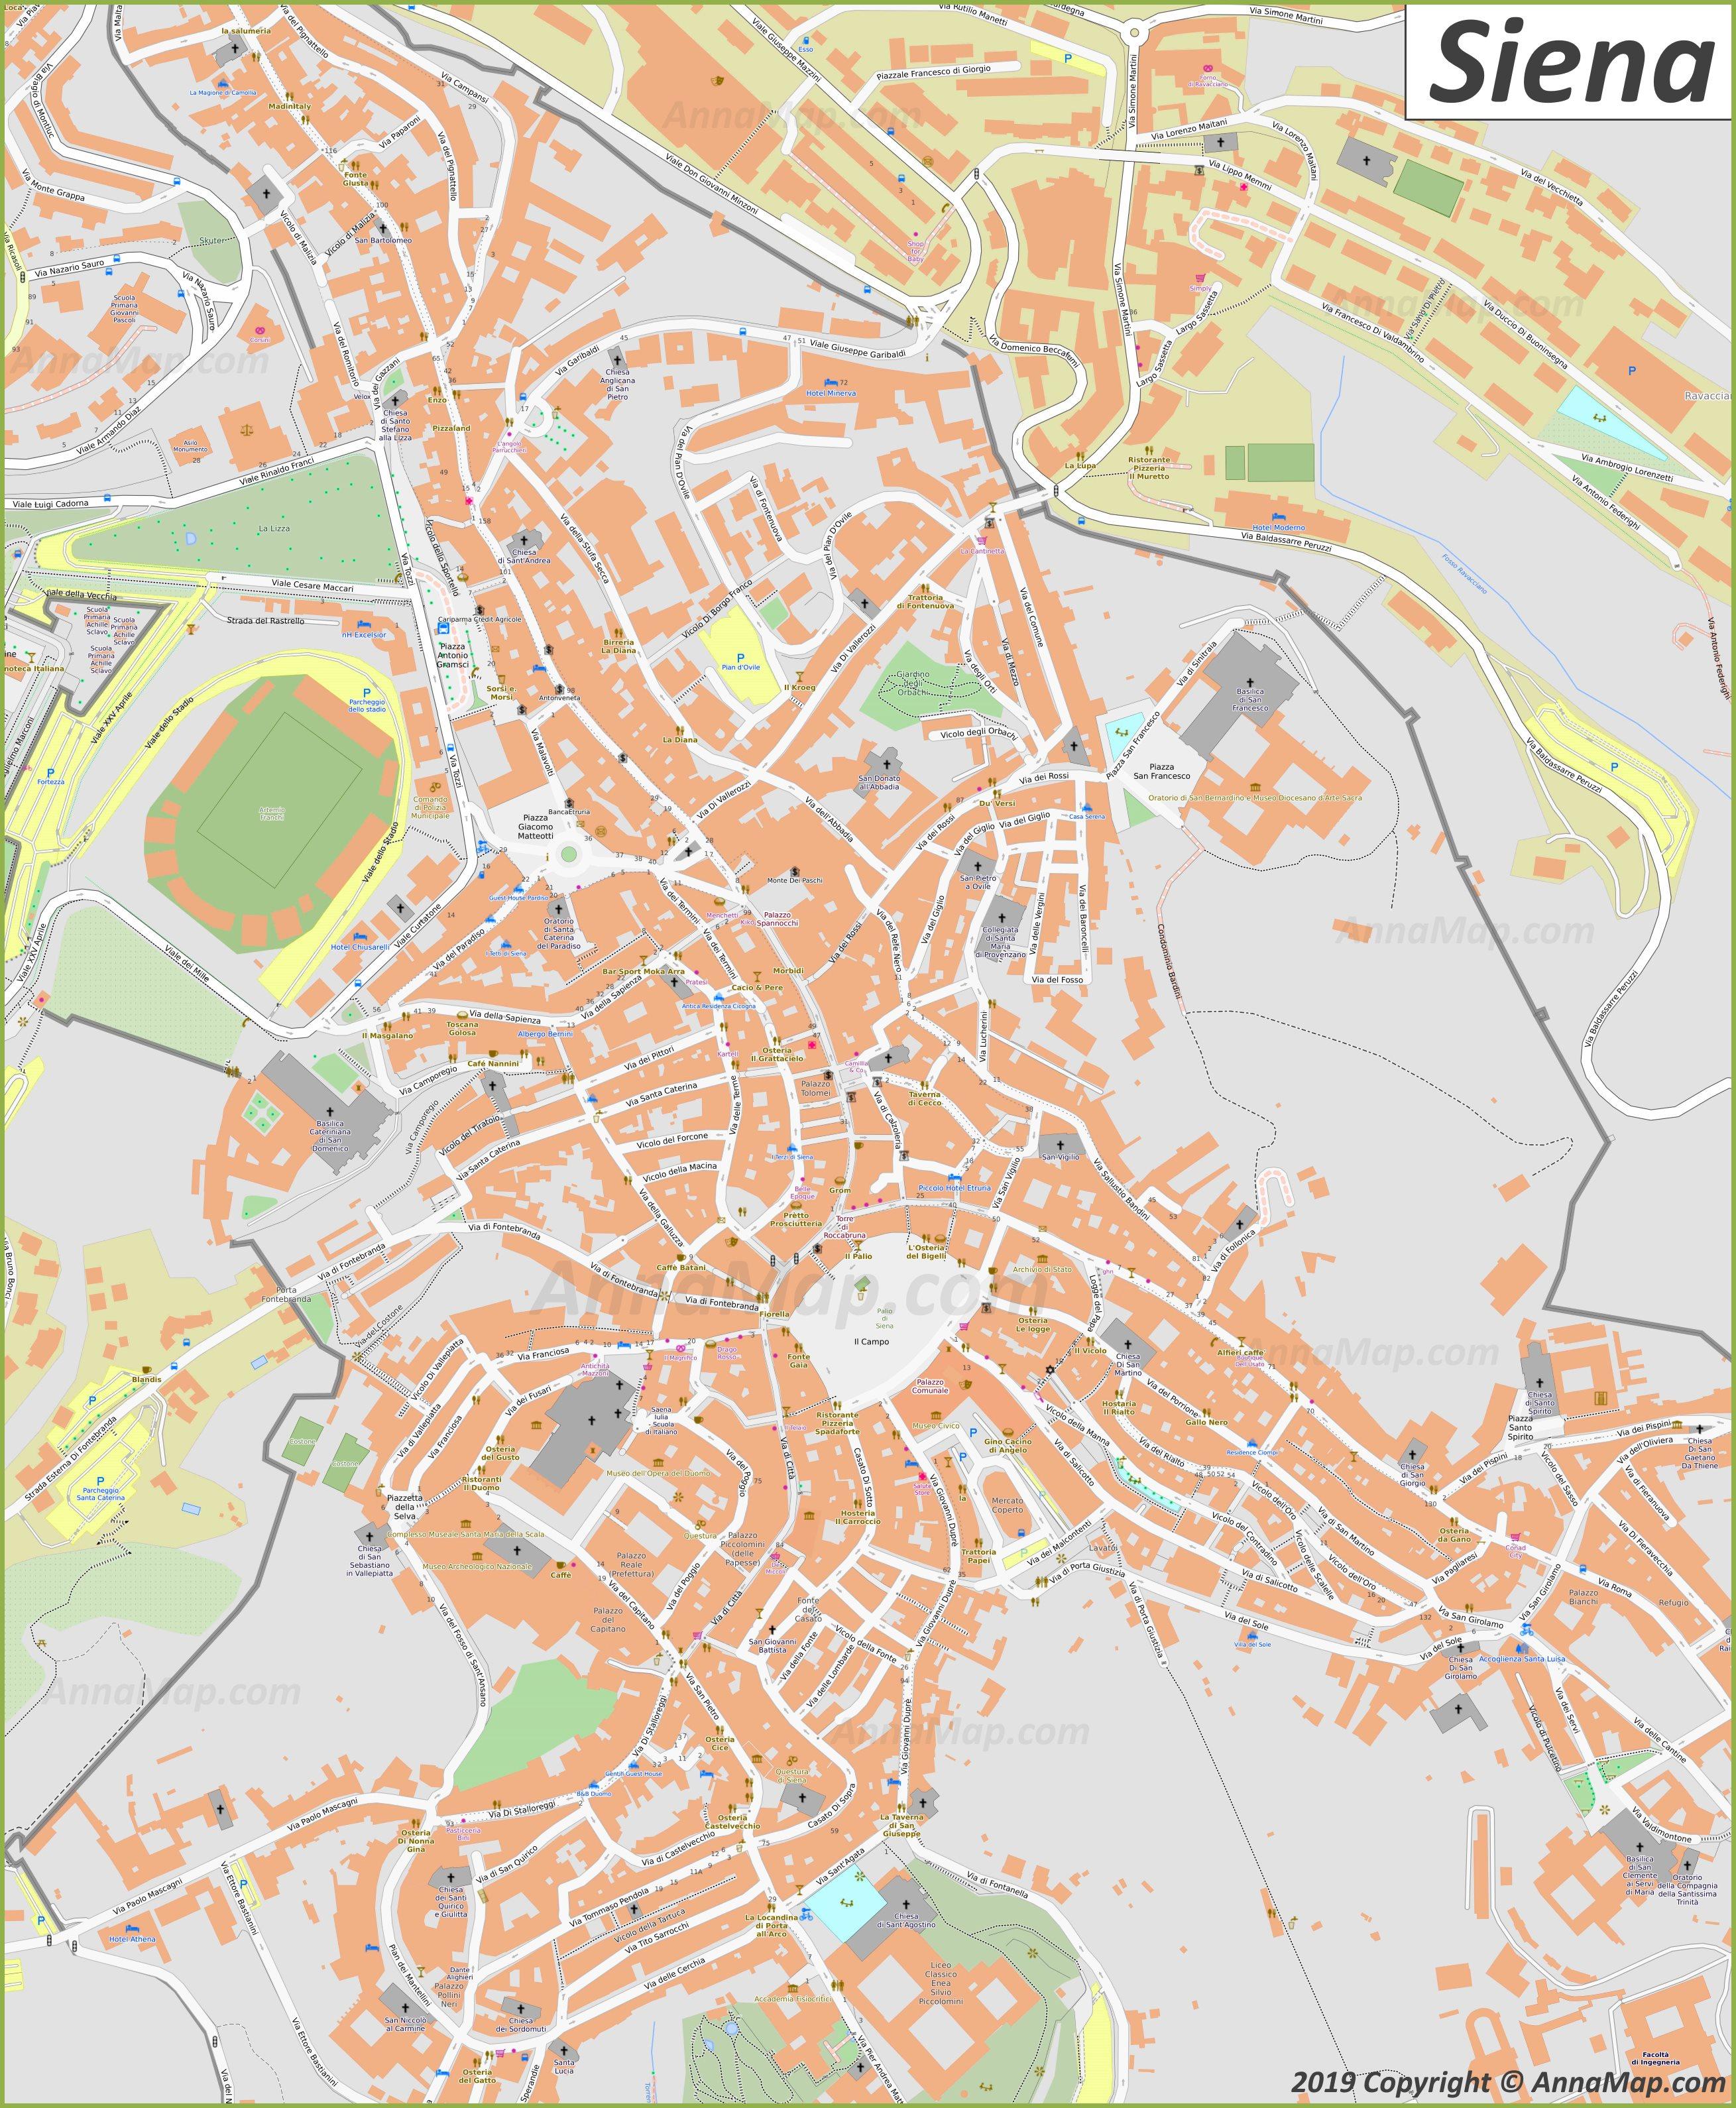 Detaillierte Touristische Stadtplan Von Siena Italien